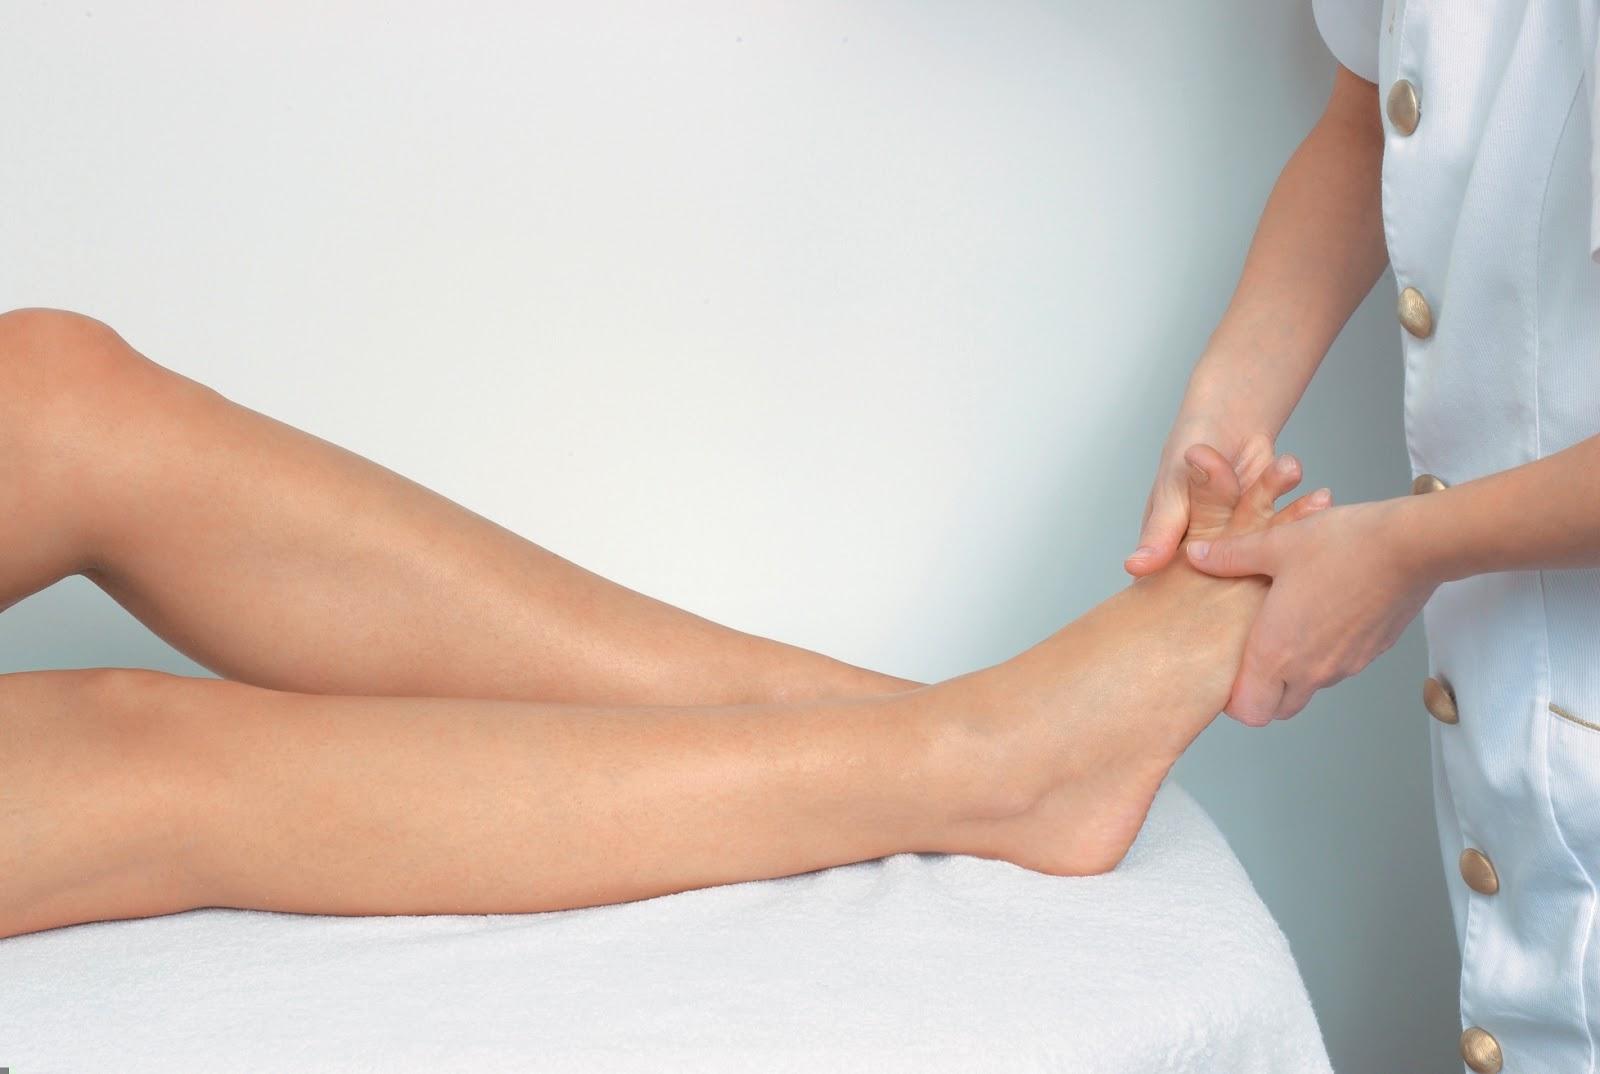 Bau kaki memang hal yang tak abnormal dan bahkan sanggup terjadi dan pernah terjadi oleh banyak 7 Cara Mengatasi Bau Kaki Secara Alami